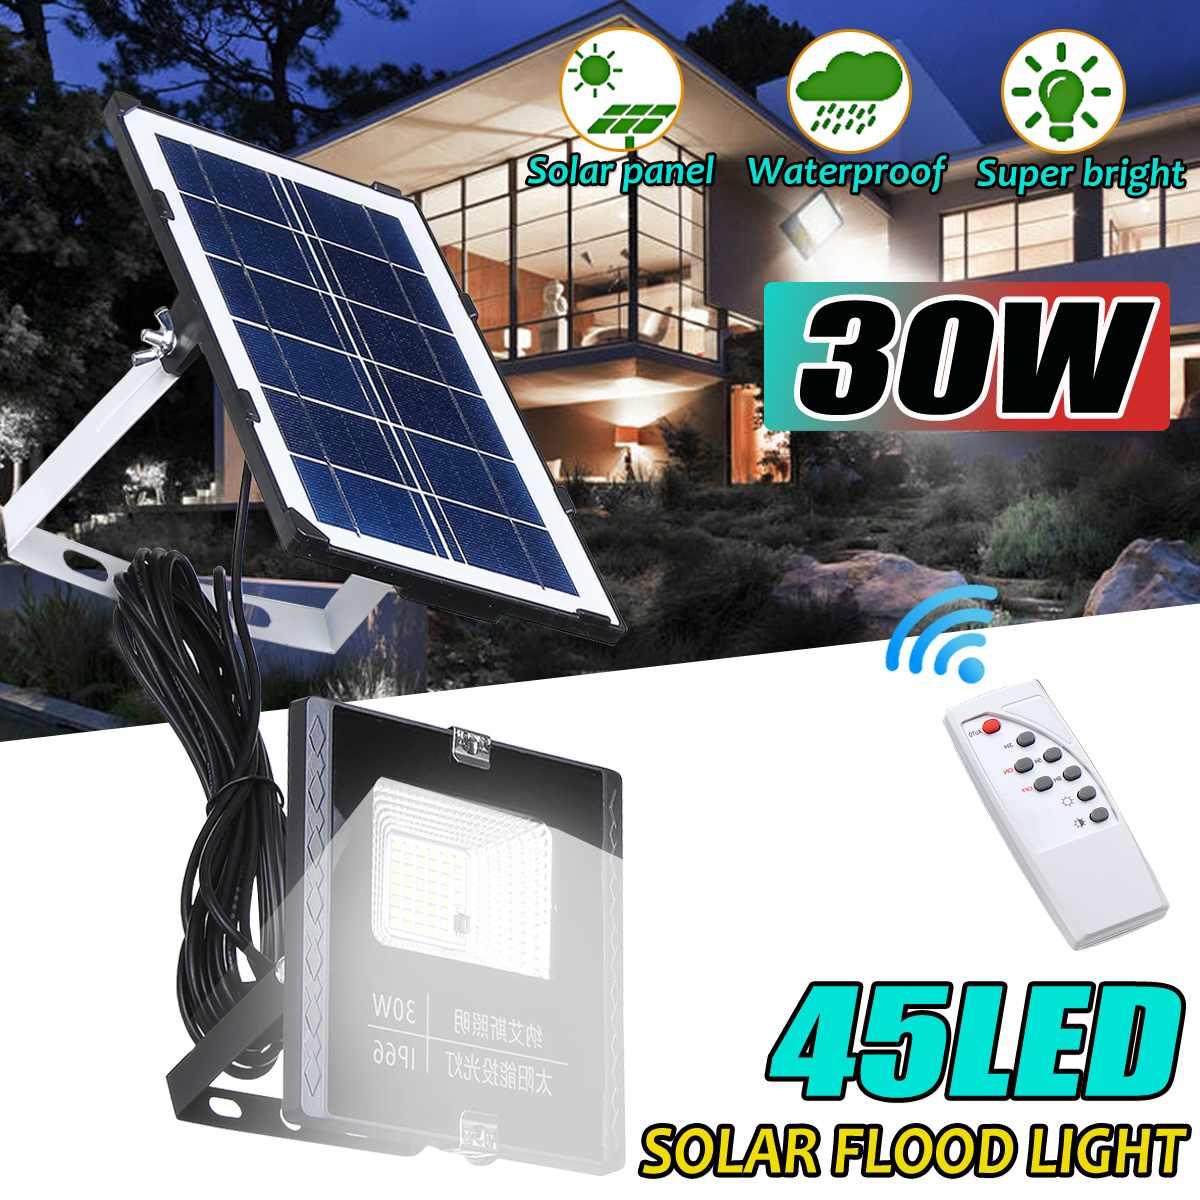 30 w 태양 투광 조명 45 led 휴대용 스포트 라이트 투광 조명 야외 거리 정원 빛 방수 벽 램프 원격 제어